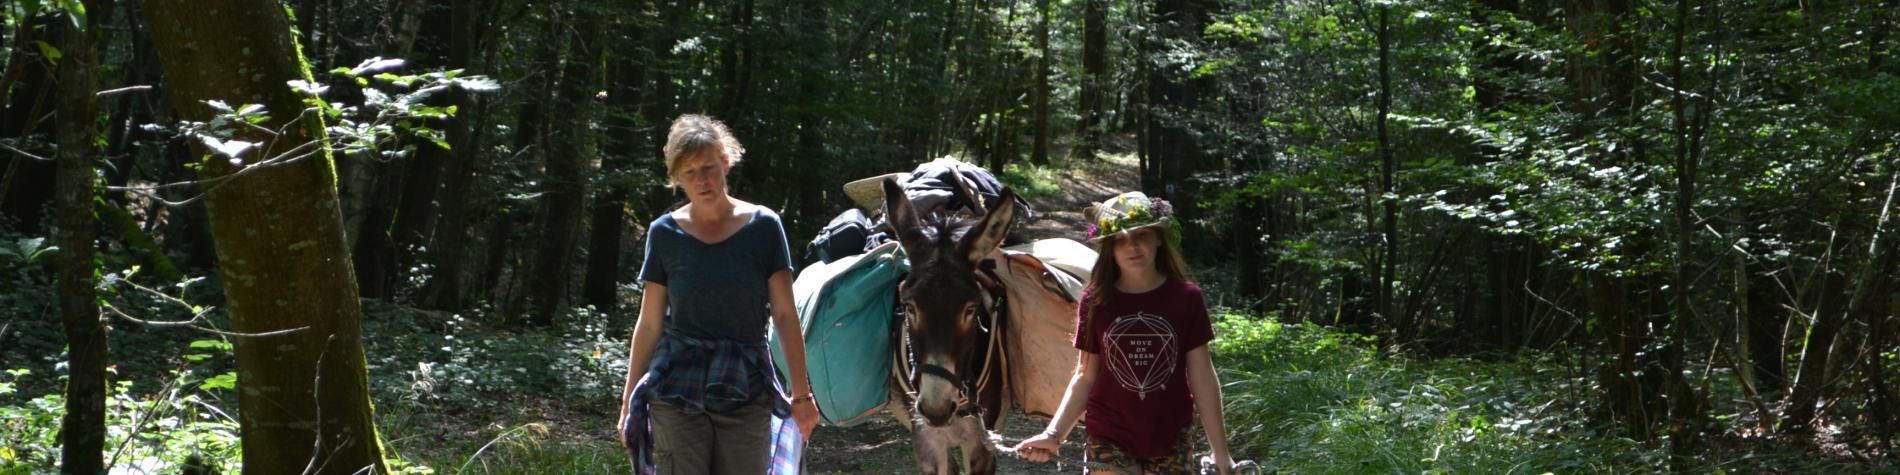 Mont des ânes, promenade avec un âne à Mormont